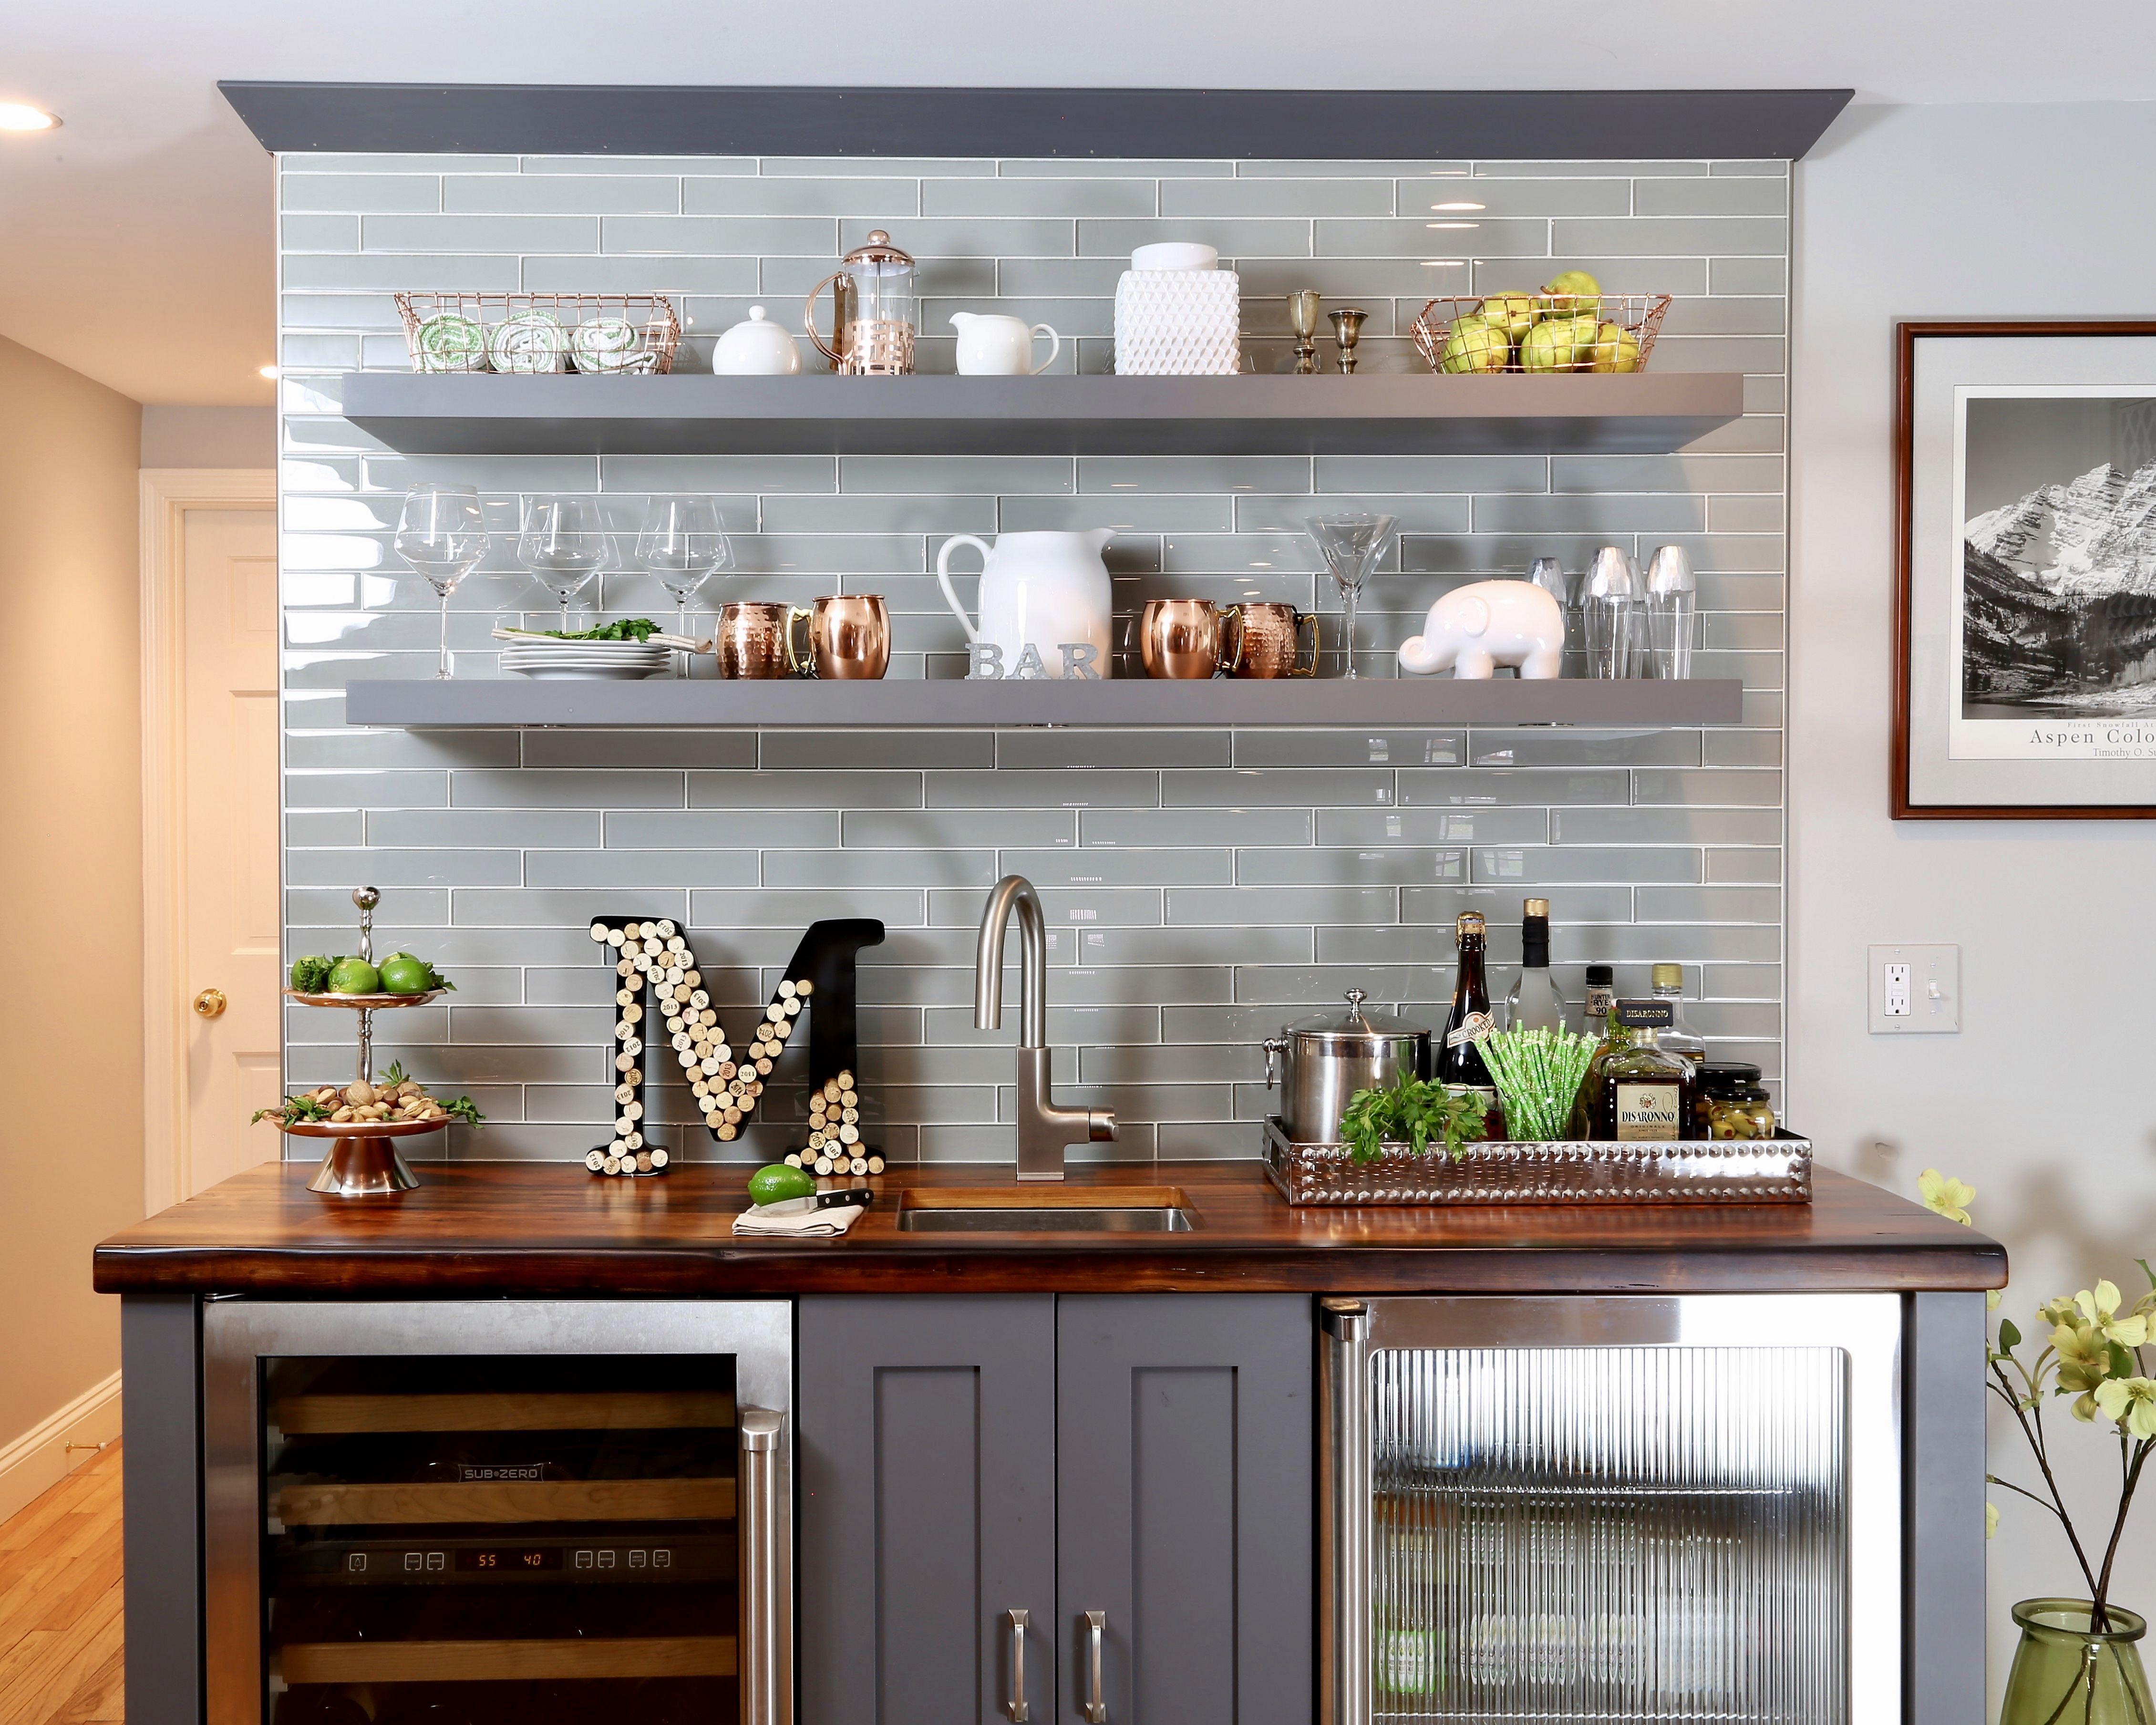 20 inspiring floating kitchen shelves design and on floating shelves kitchen id=67520